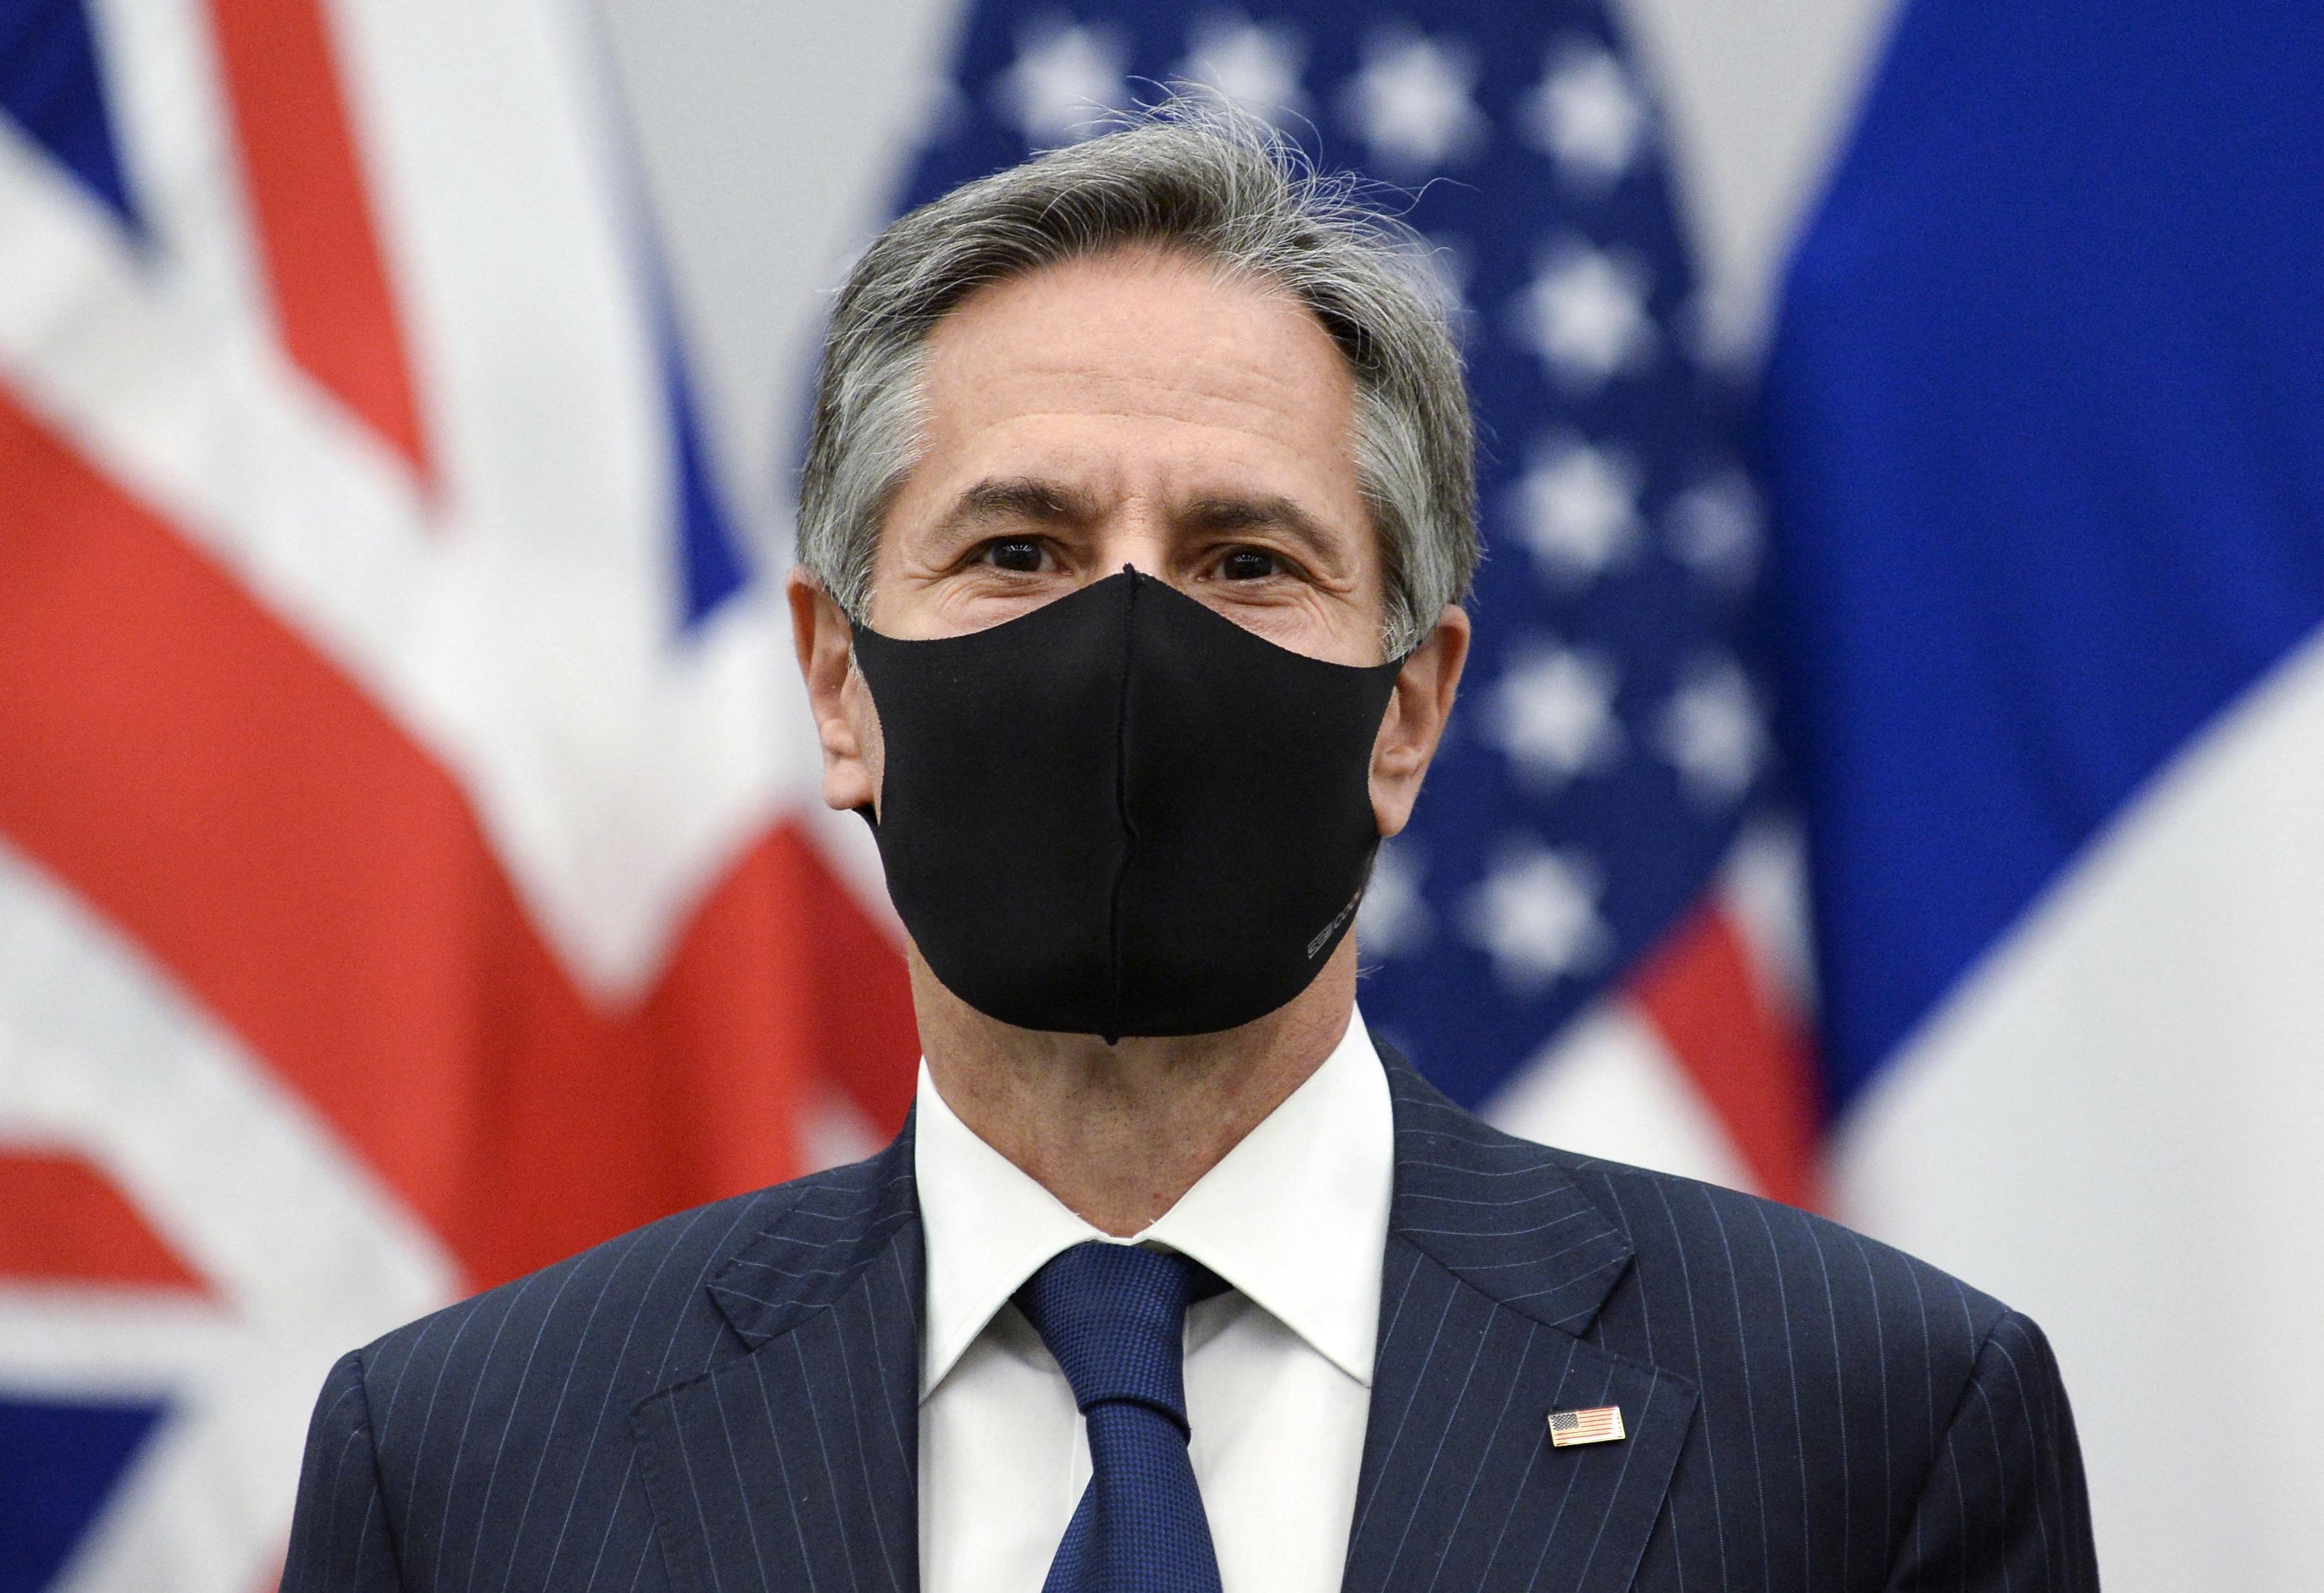 (Foto: JOHANNA GERON / POOL / AFP)